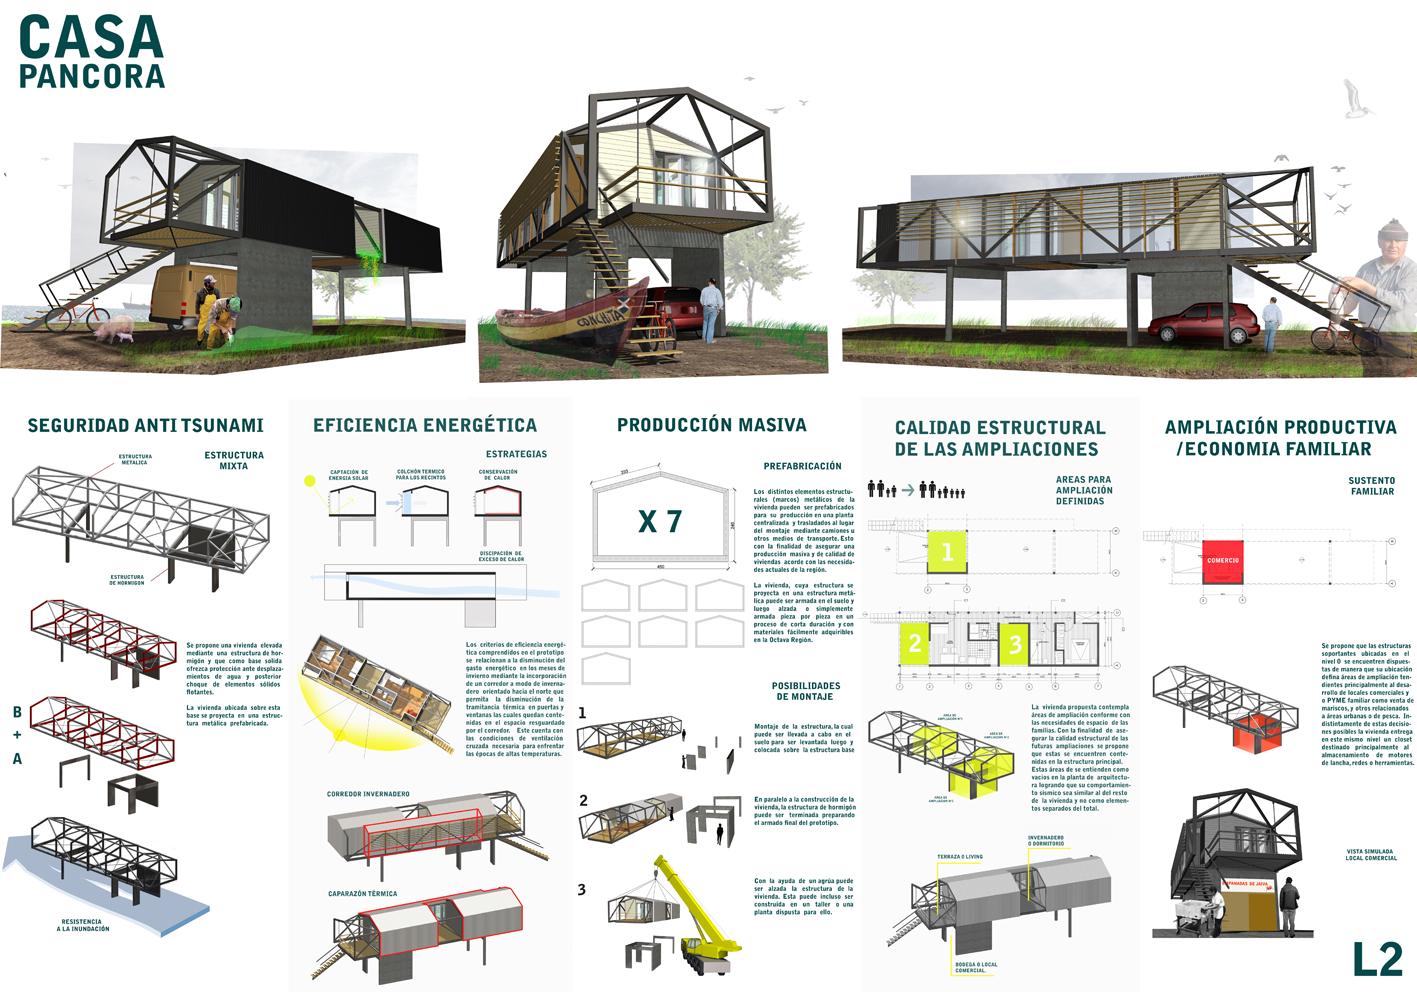 Arquitectura interior laminas for Laminas arquitectura